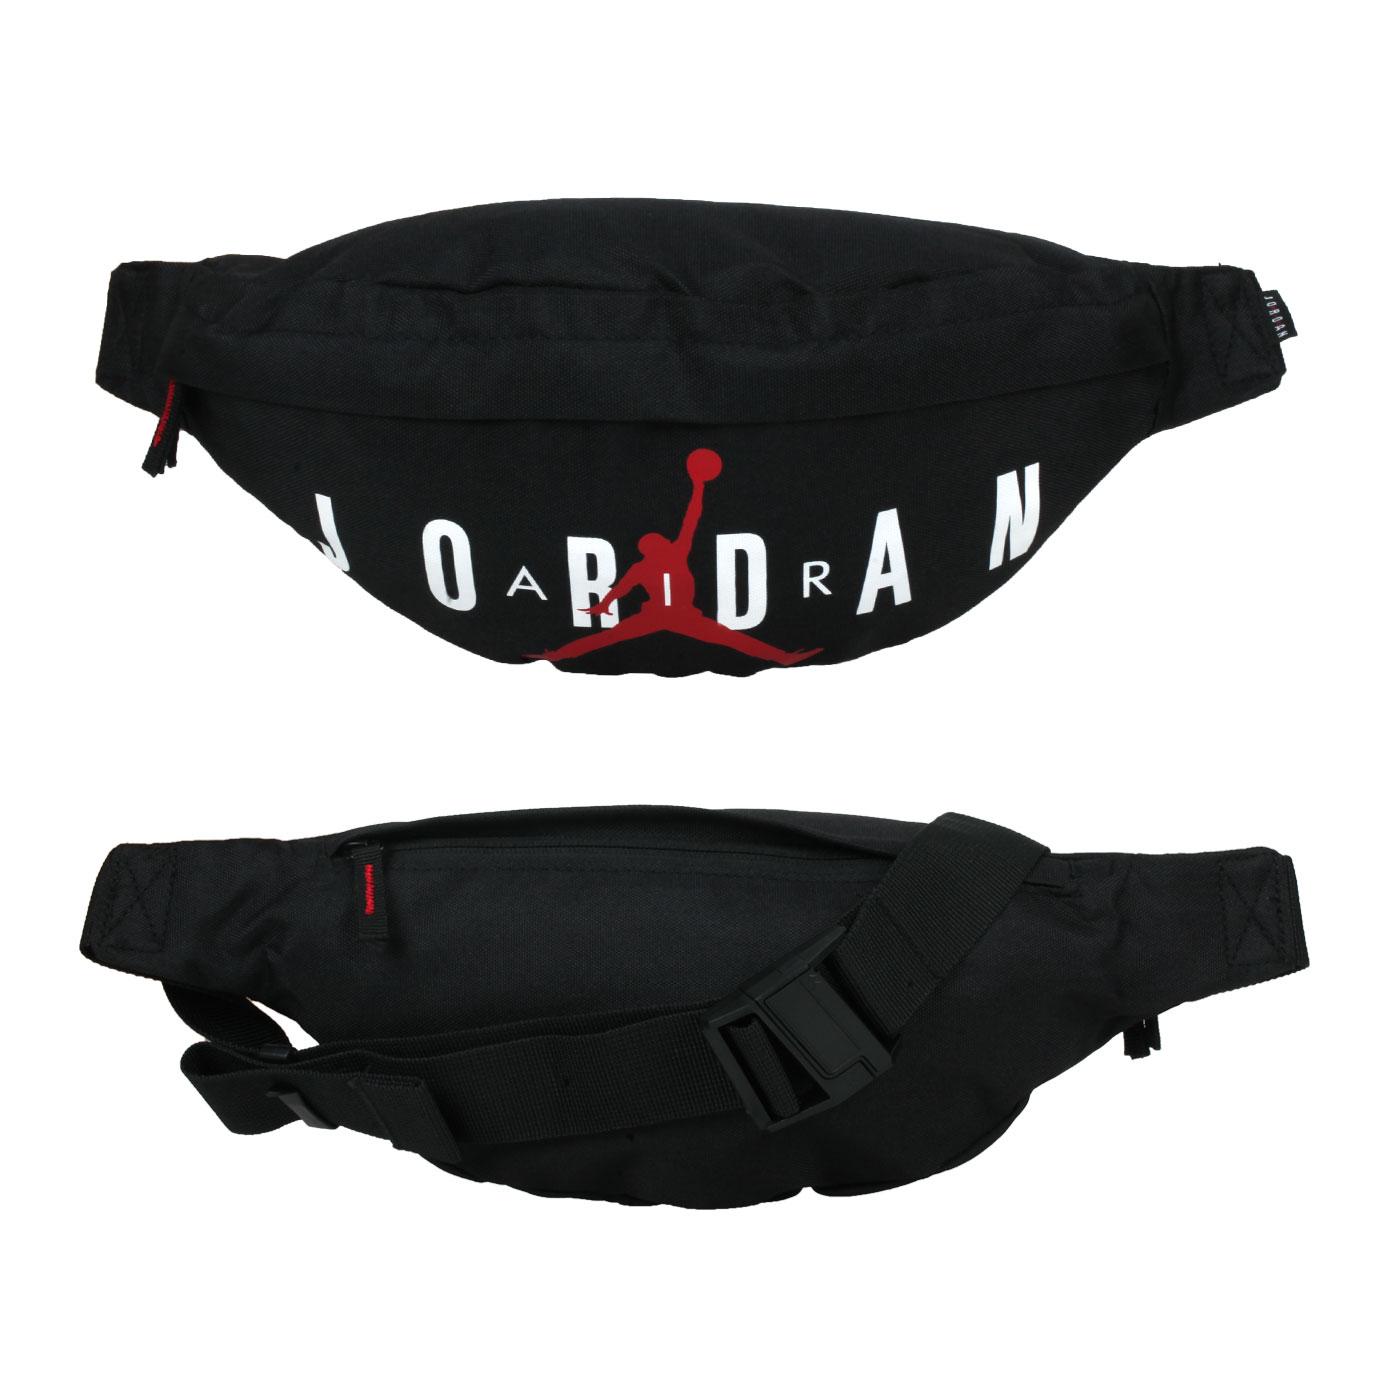 NIKE JORDAN 小型腰包 JD2143011GS-001 - 黑白紅